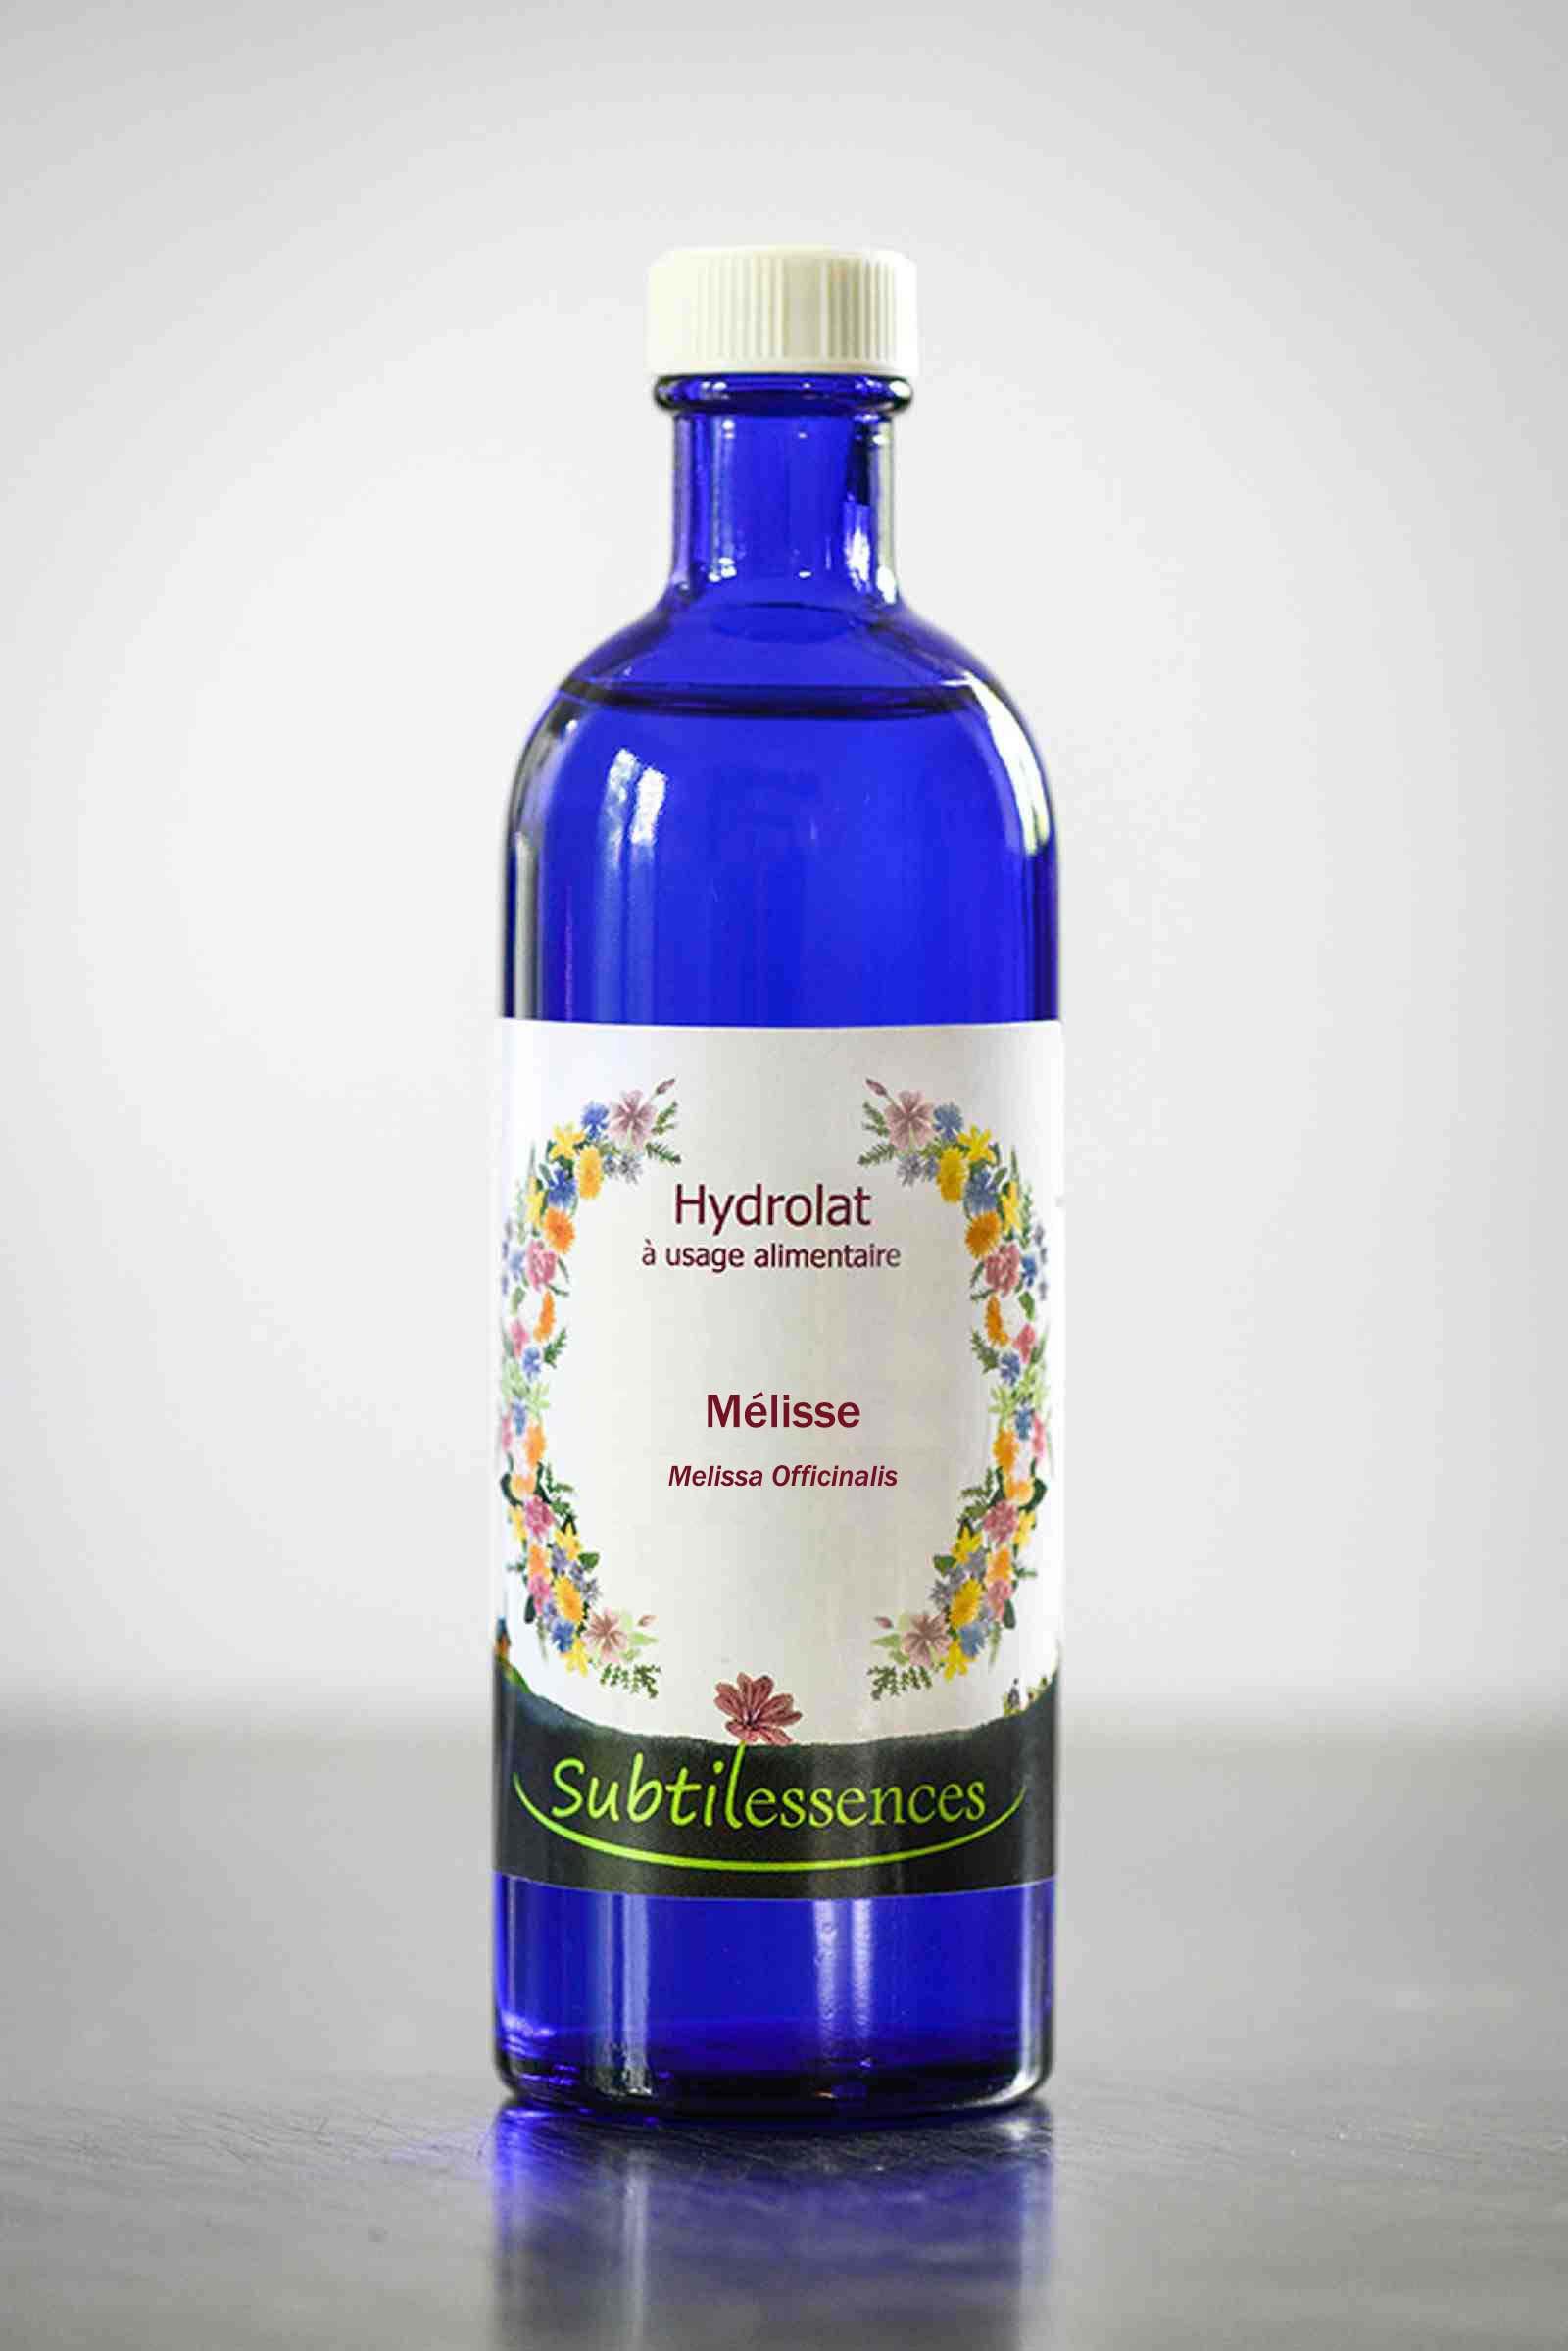 Hydrolats & eaux florales Hydrolat de Mélisse - Melissa officinalis (Eau Florale)